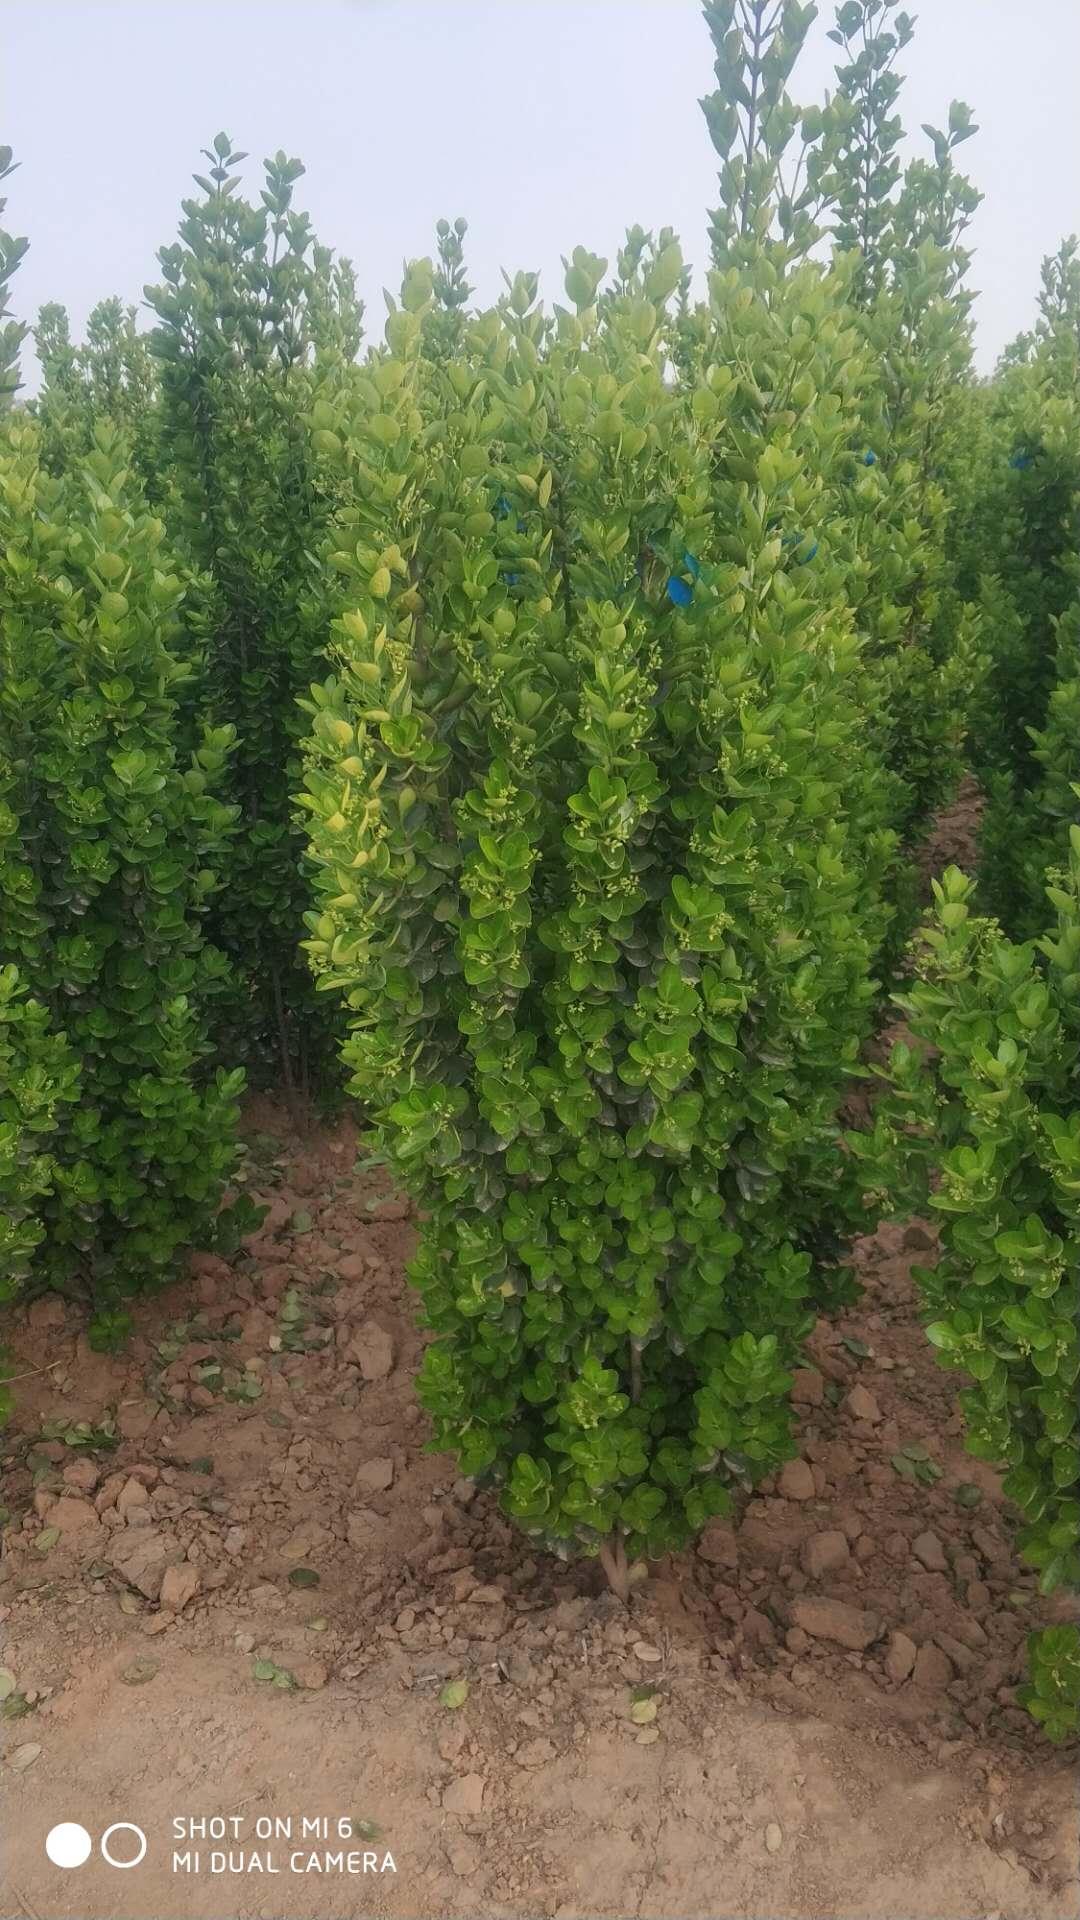 北海道黄杨多少钱一棵_2.2米花卉种子、种苗多少钱一棵-偃师市邙岭乡常绿苗圃